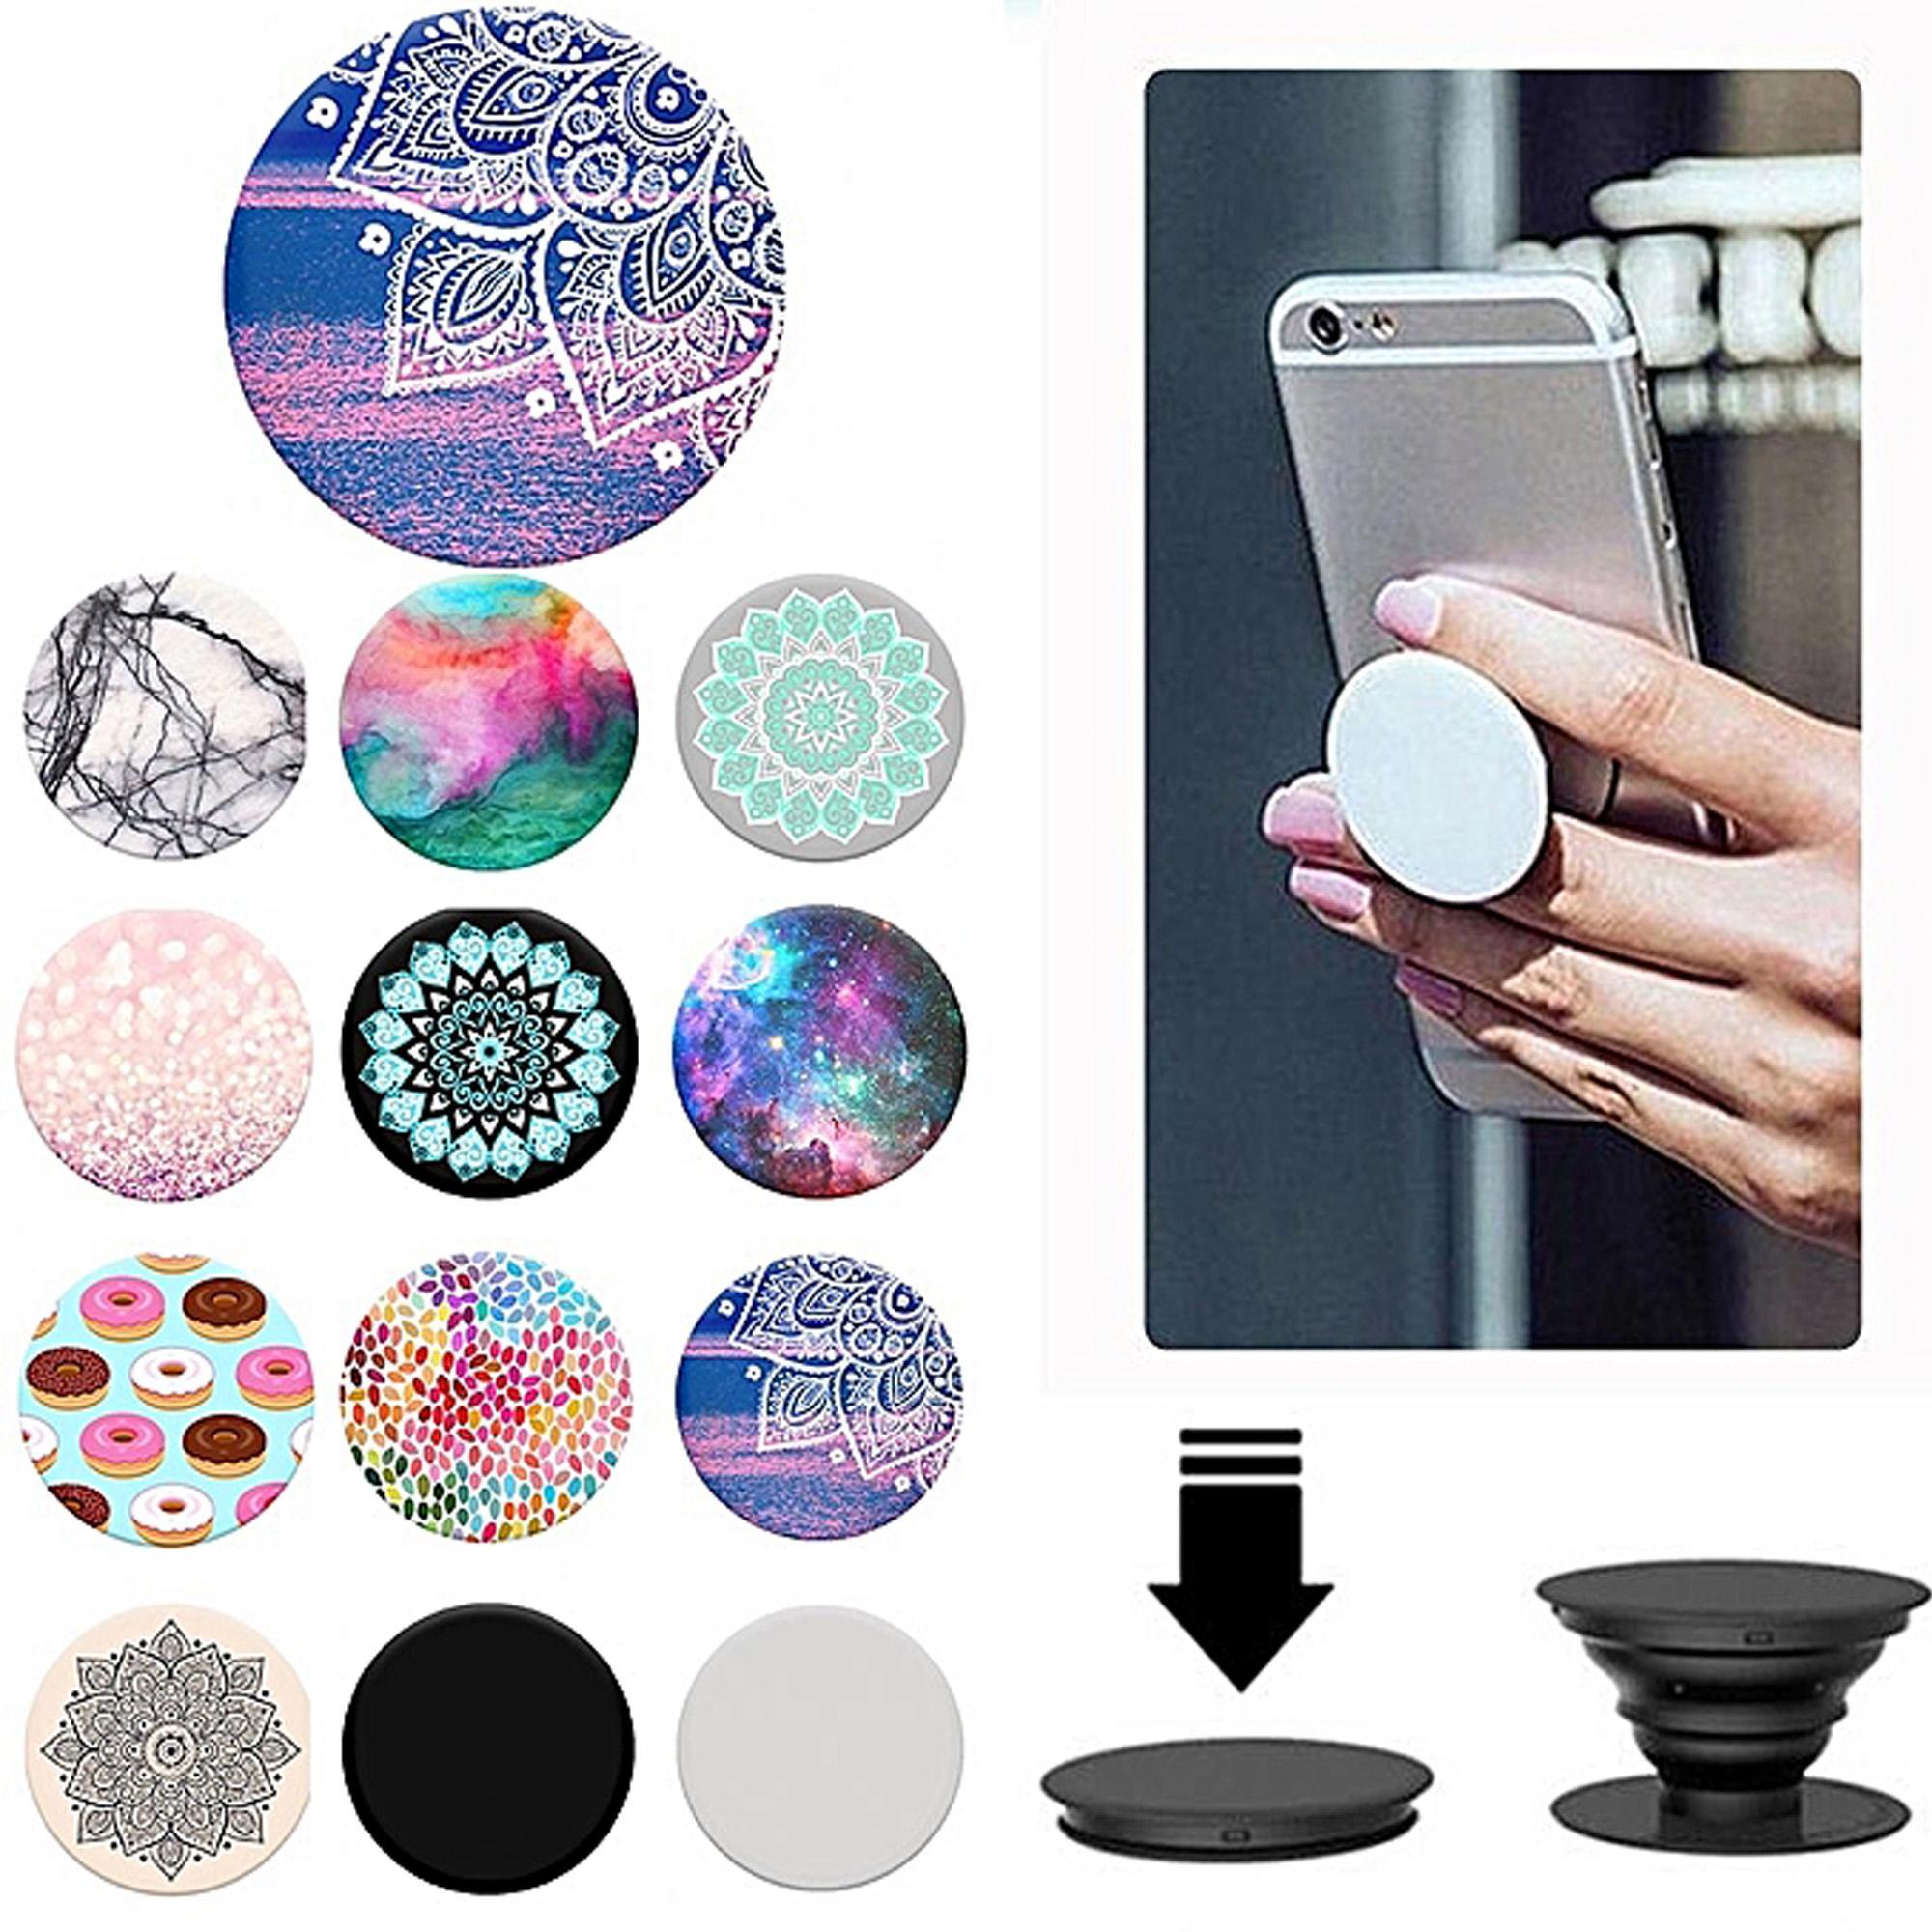 Pop Socket Random Shapes Designs For All Mobile Phones & Tablets 1Pc